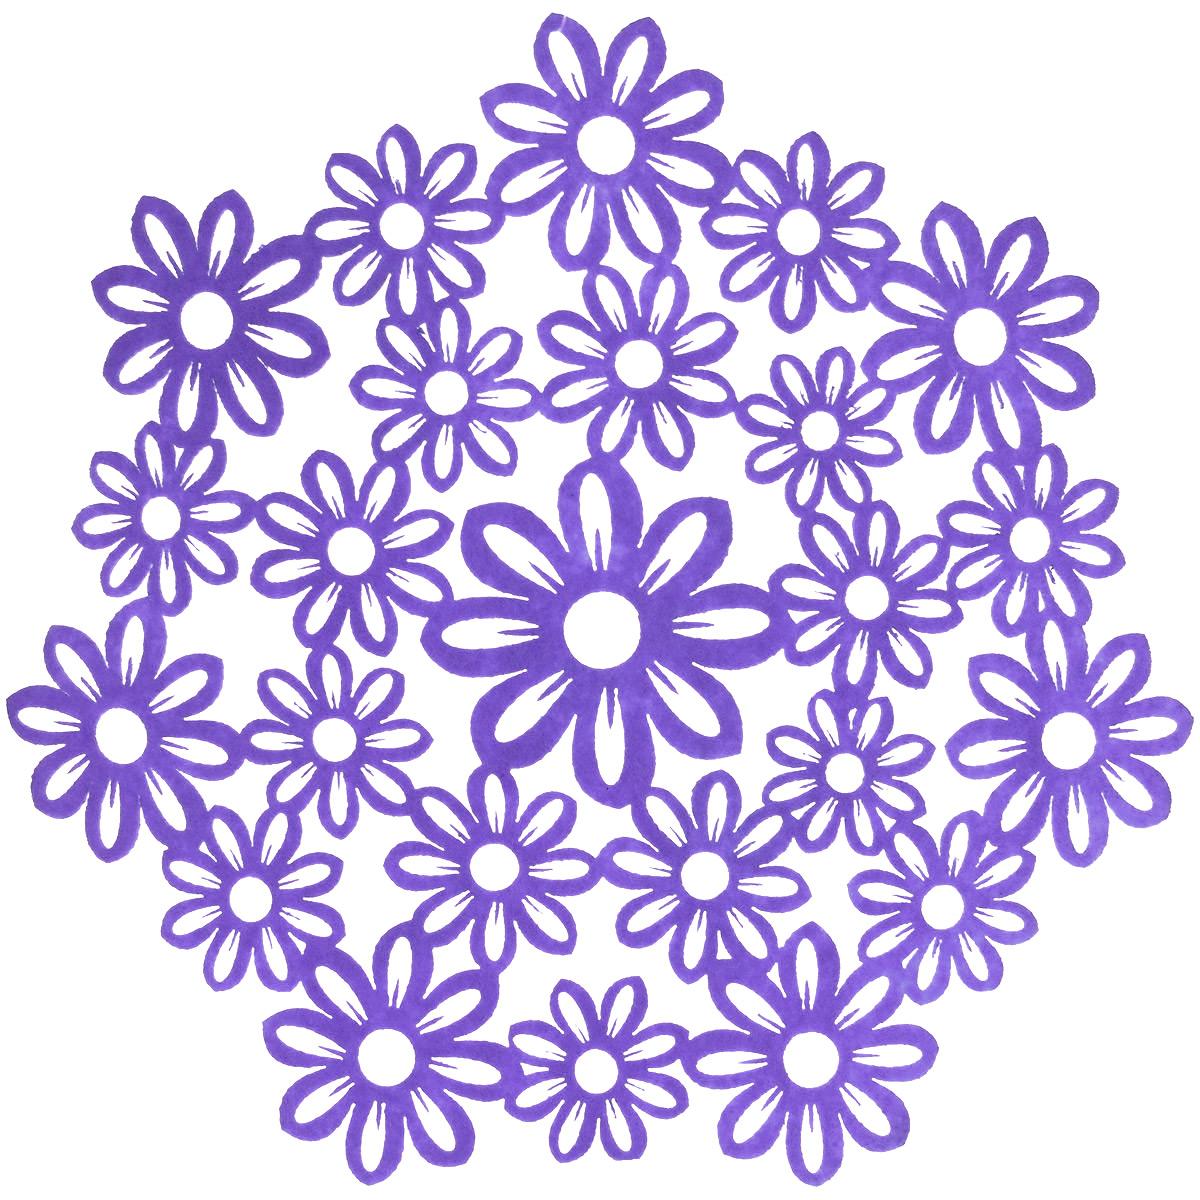 Салфетка Home Queen Незабудки, цвет: фиолетовый, диаметр 28 см66840_4Круглая салфетка Home Queen Незабудки выполнена из фетра и оснащена красивой перфорацией в виде цветов. Вы можете использовать салфетку для декорирования стола, комода, журнального столика. В любом случае она добавит в ваш дом стиля, изысканности и неповторимости и убережет мебель от царапин и потертостей. Диаметр салфетки: 28 см.